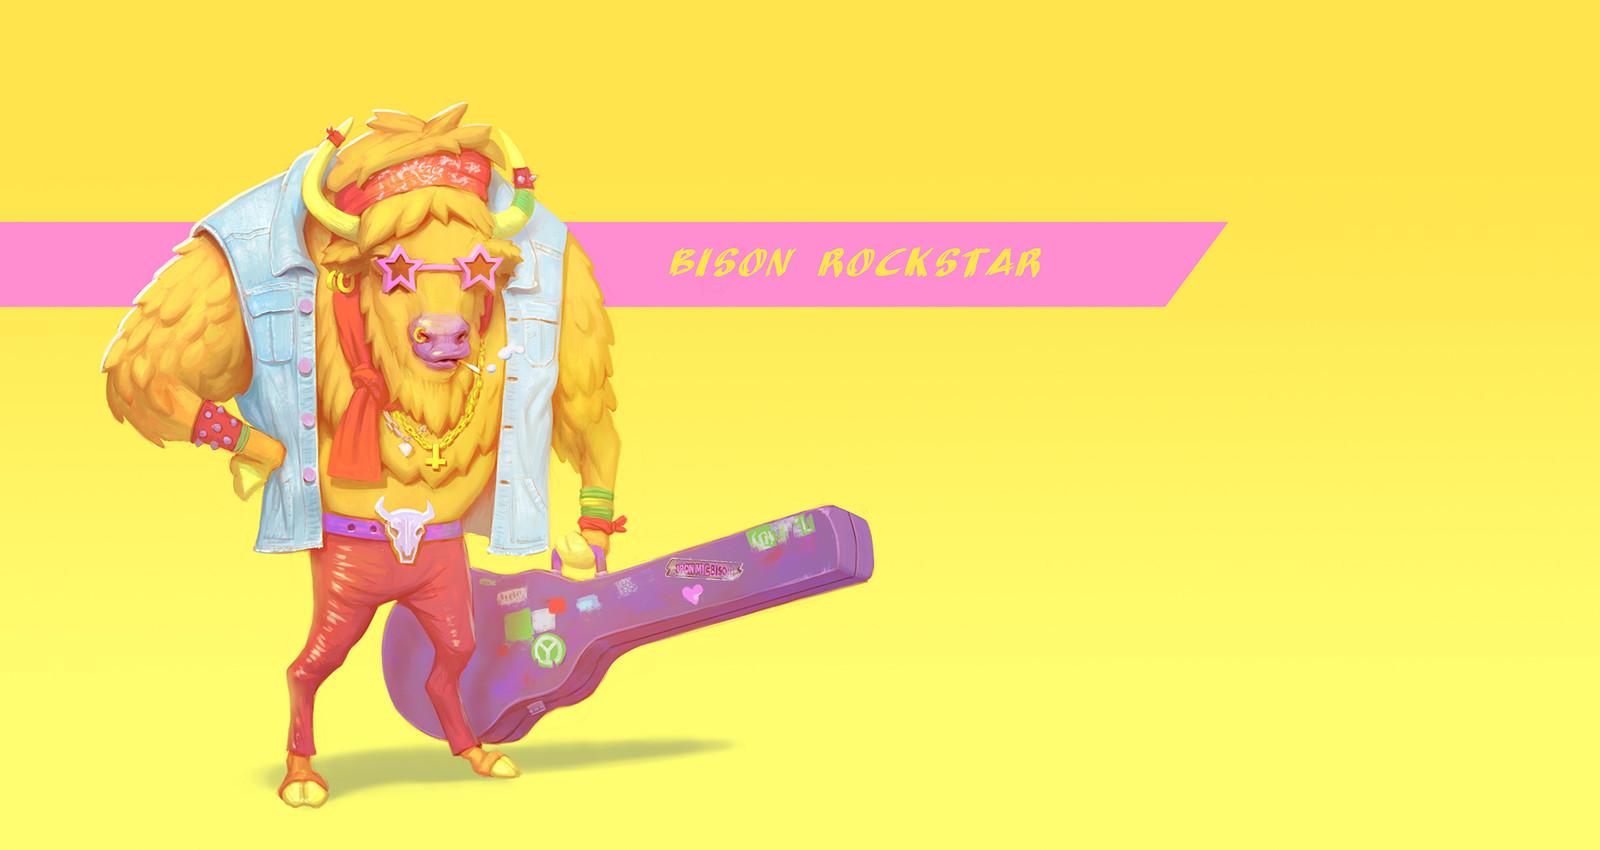 Bison Rockstar